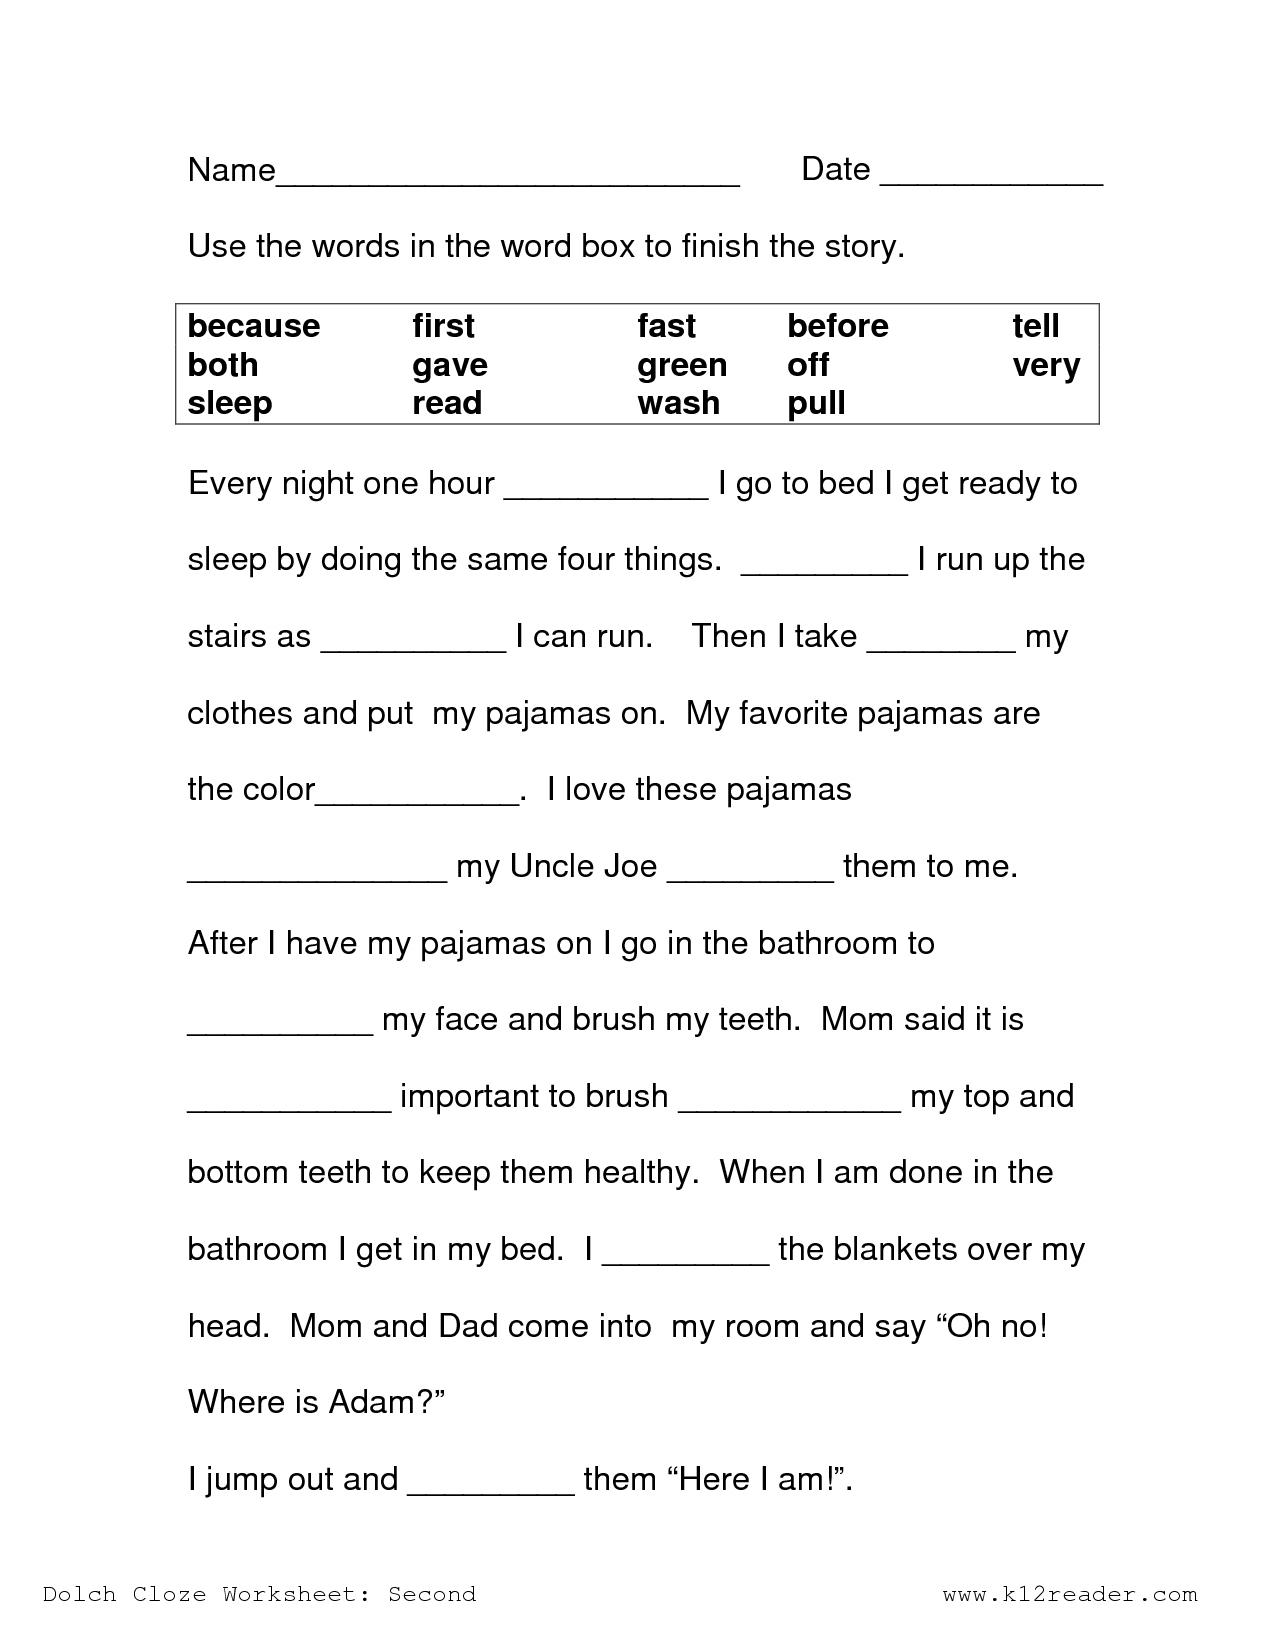 Math Worksheet: 2Nd Grade Science Worksheets Free Printable Easy | Free Printable Science Worksheets For 2Nd Grade